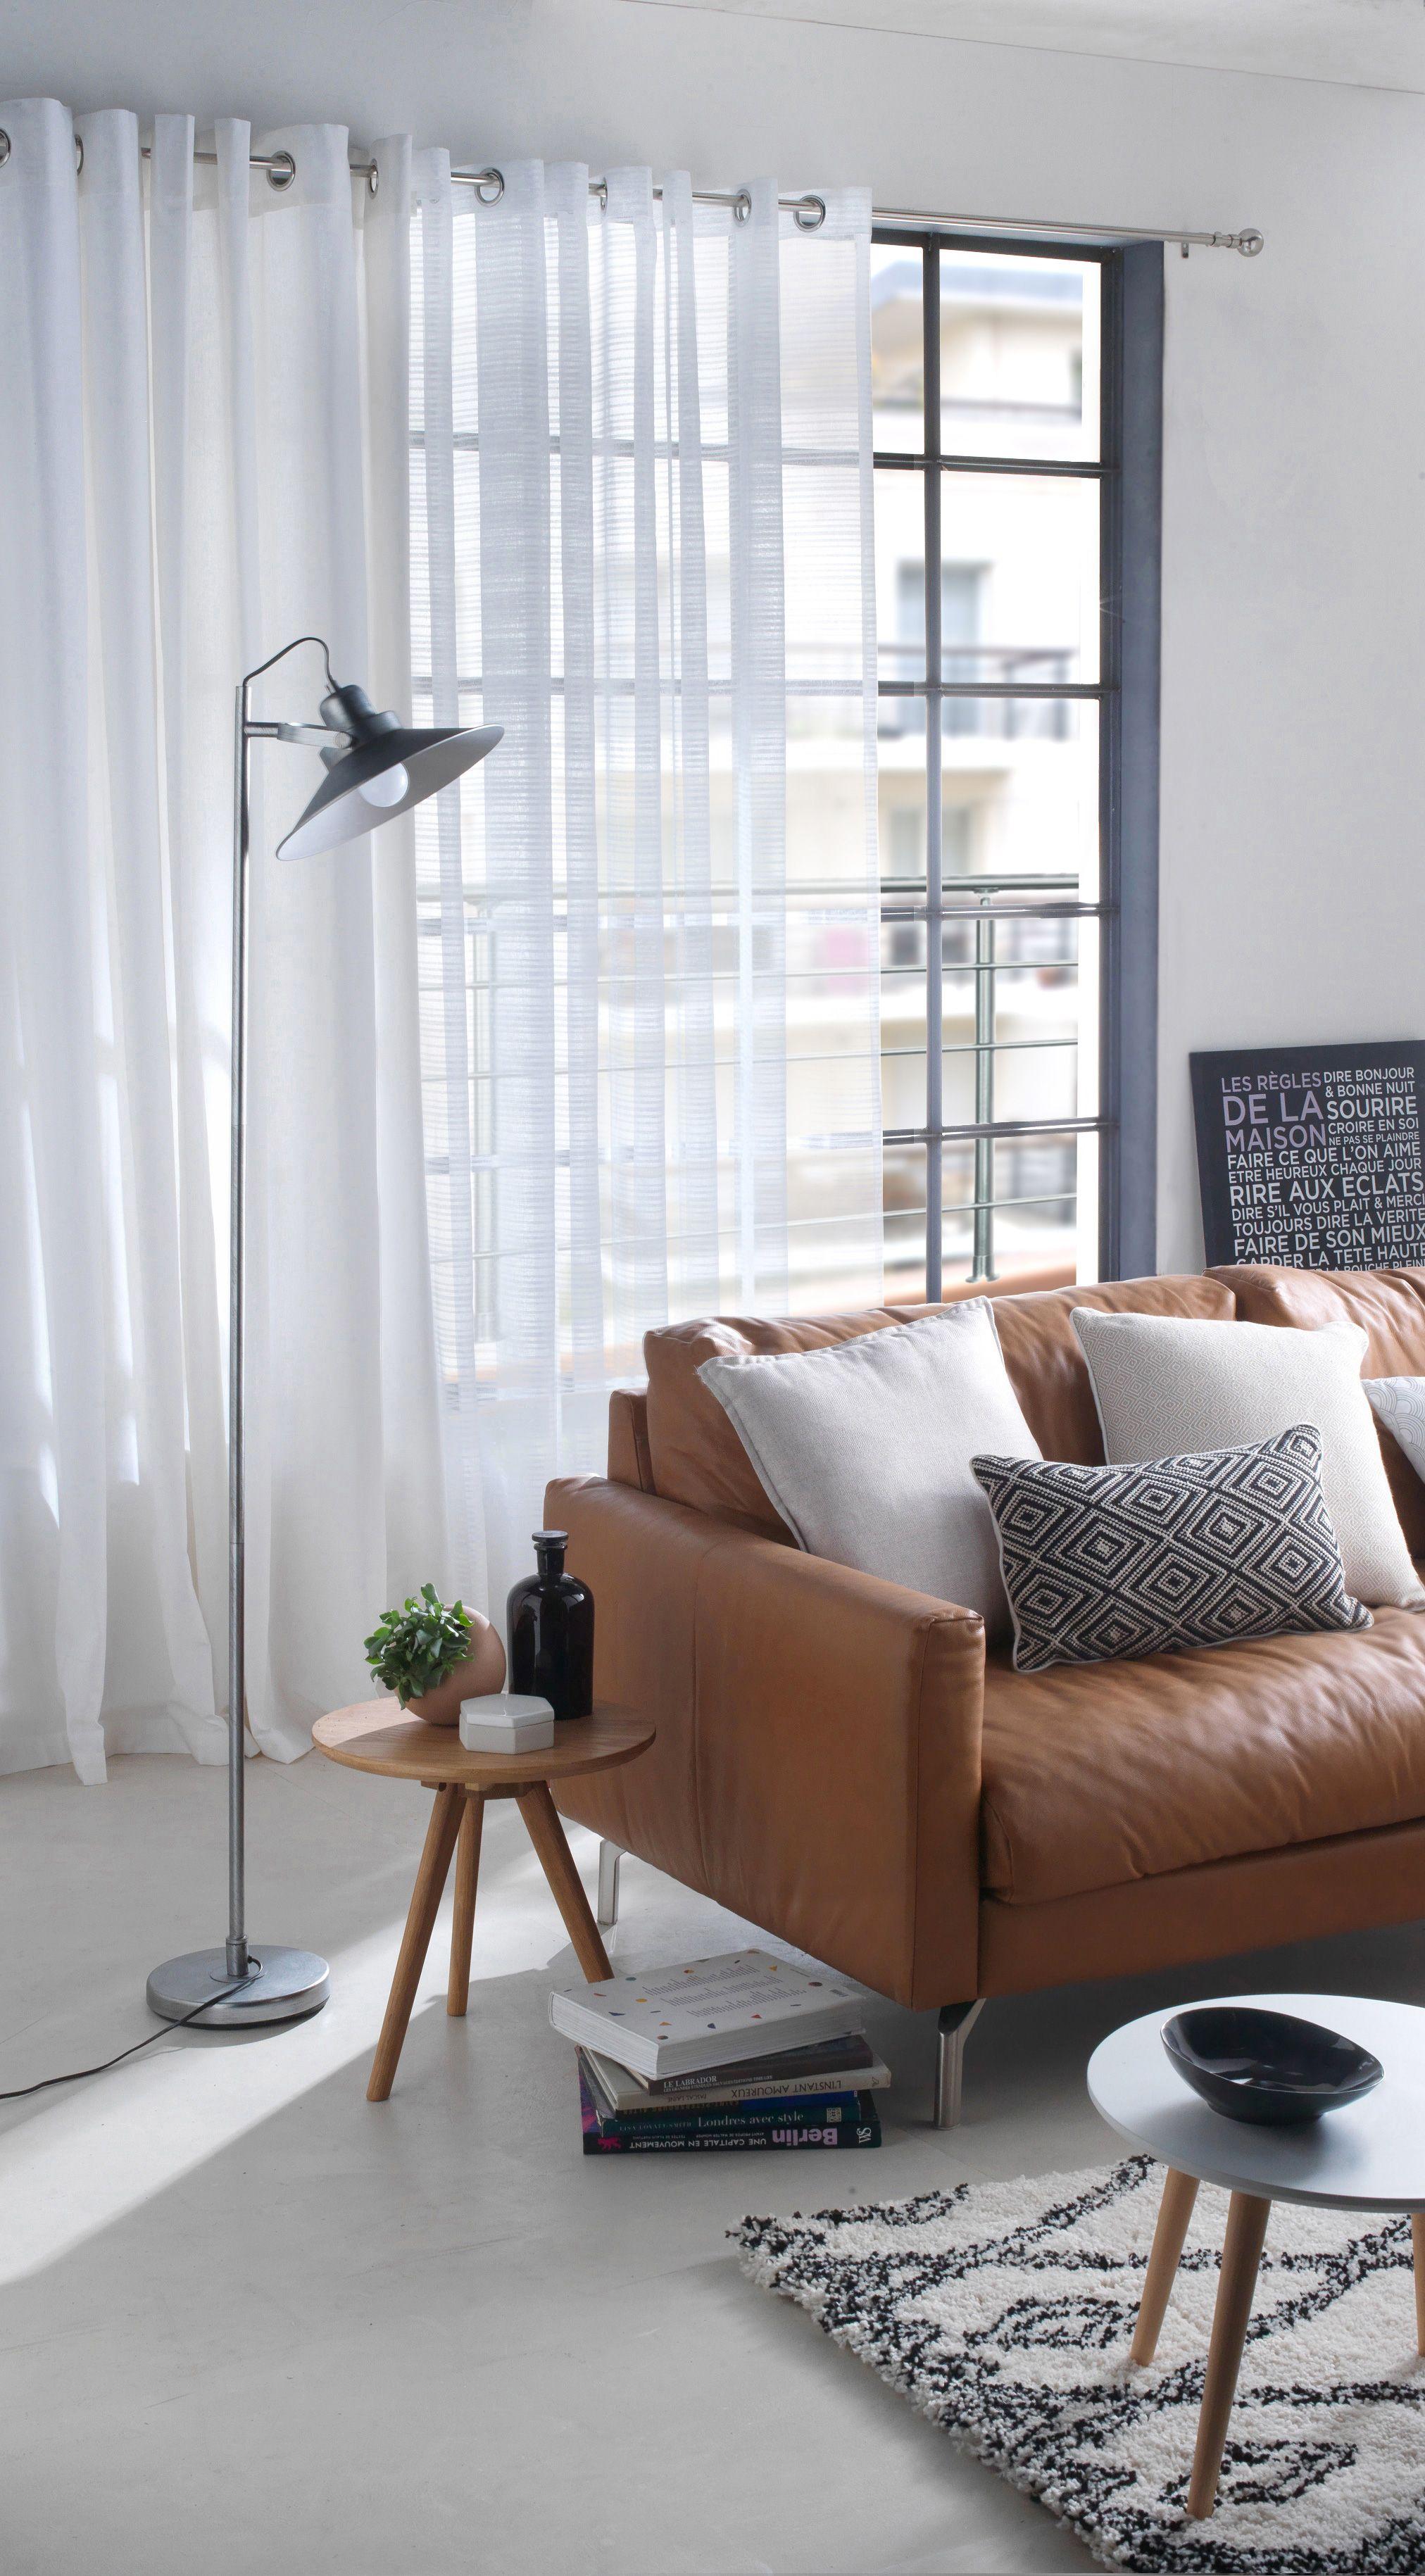 pour une ambiance zen optez pour les rideaux zen xl blanc accrocher aux fen tres devotre. Black Bedroom Furniture Sets. Home Design Ideas